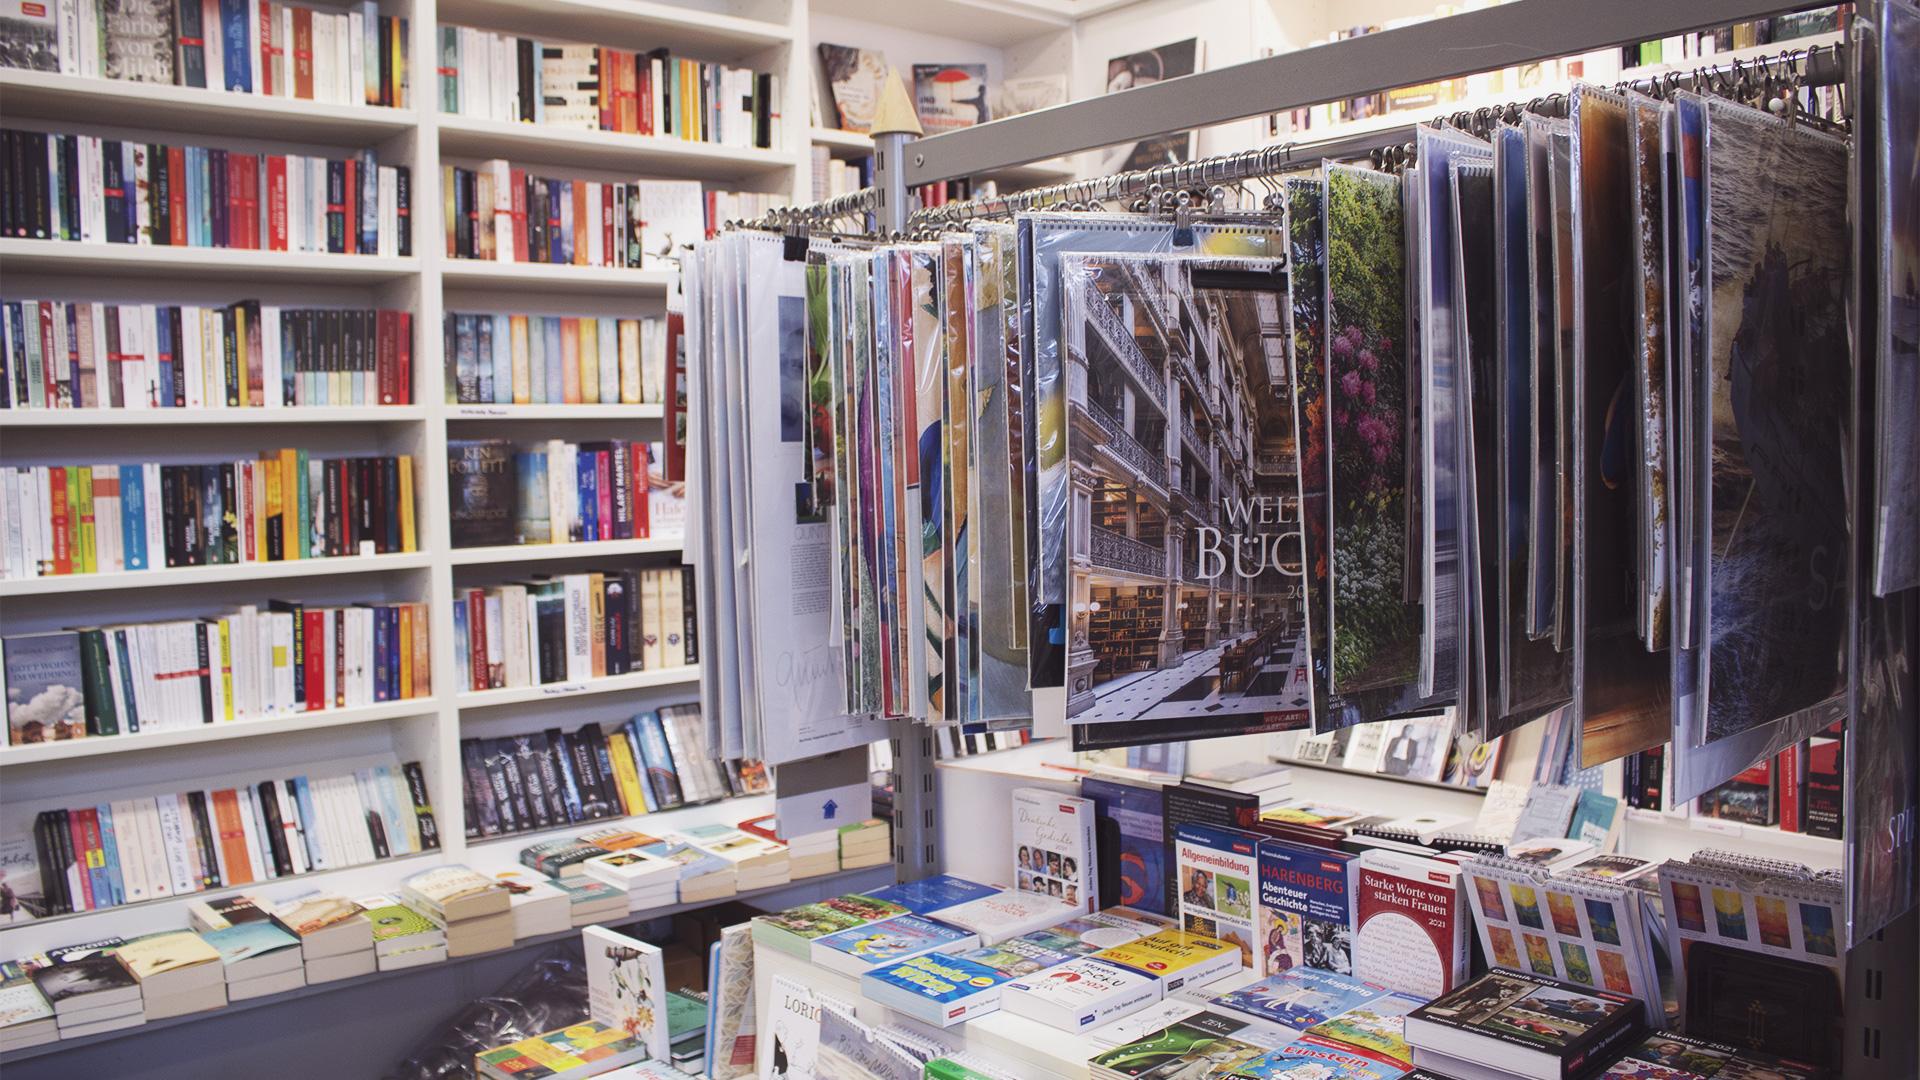 Kalender für jeden Anlass vor einer Bücherwand